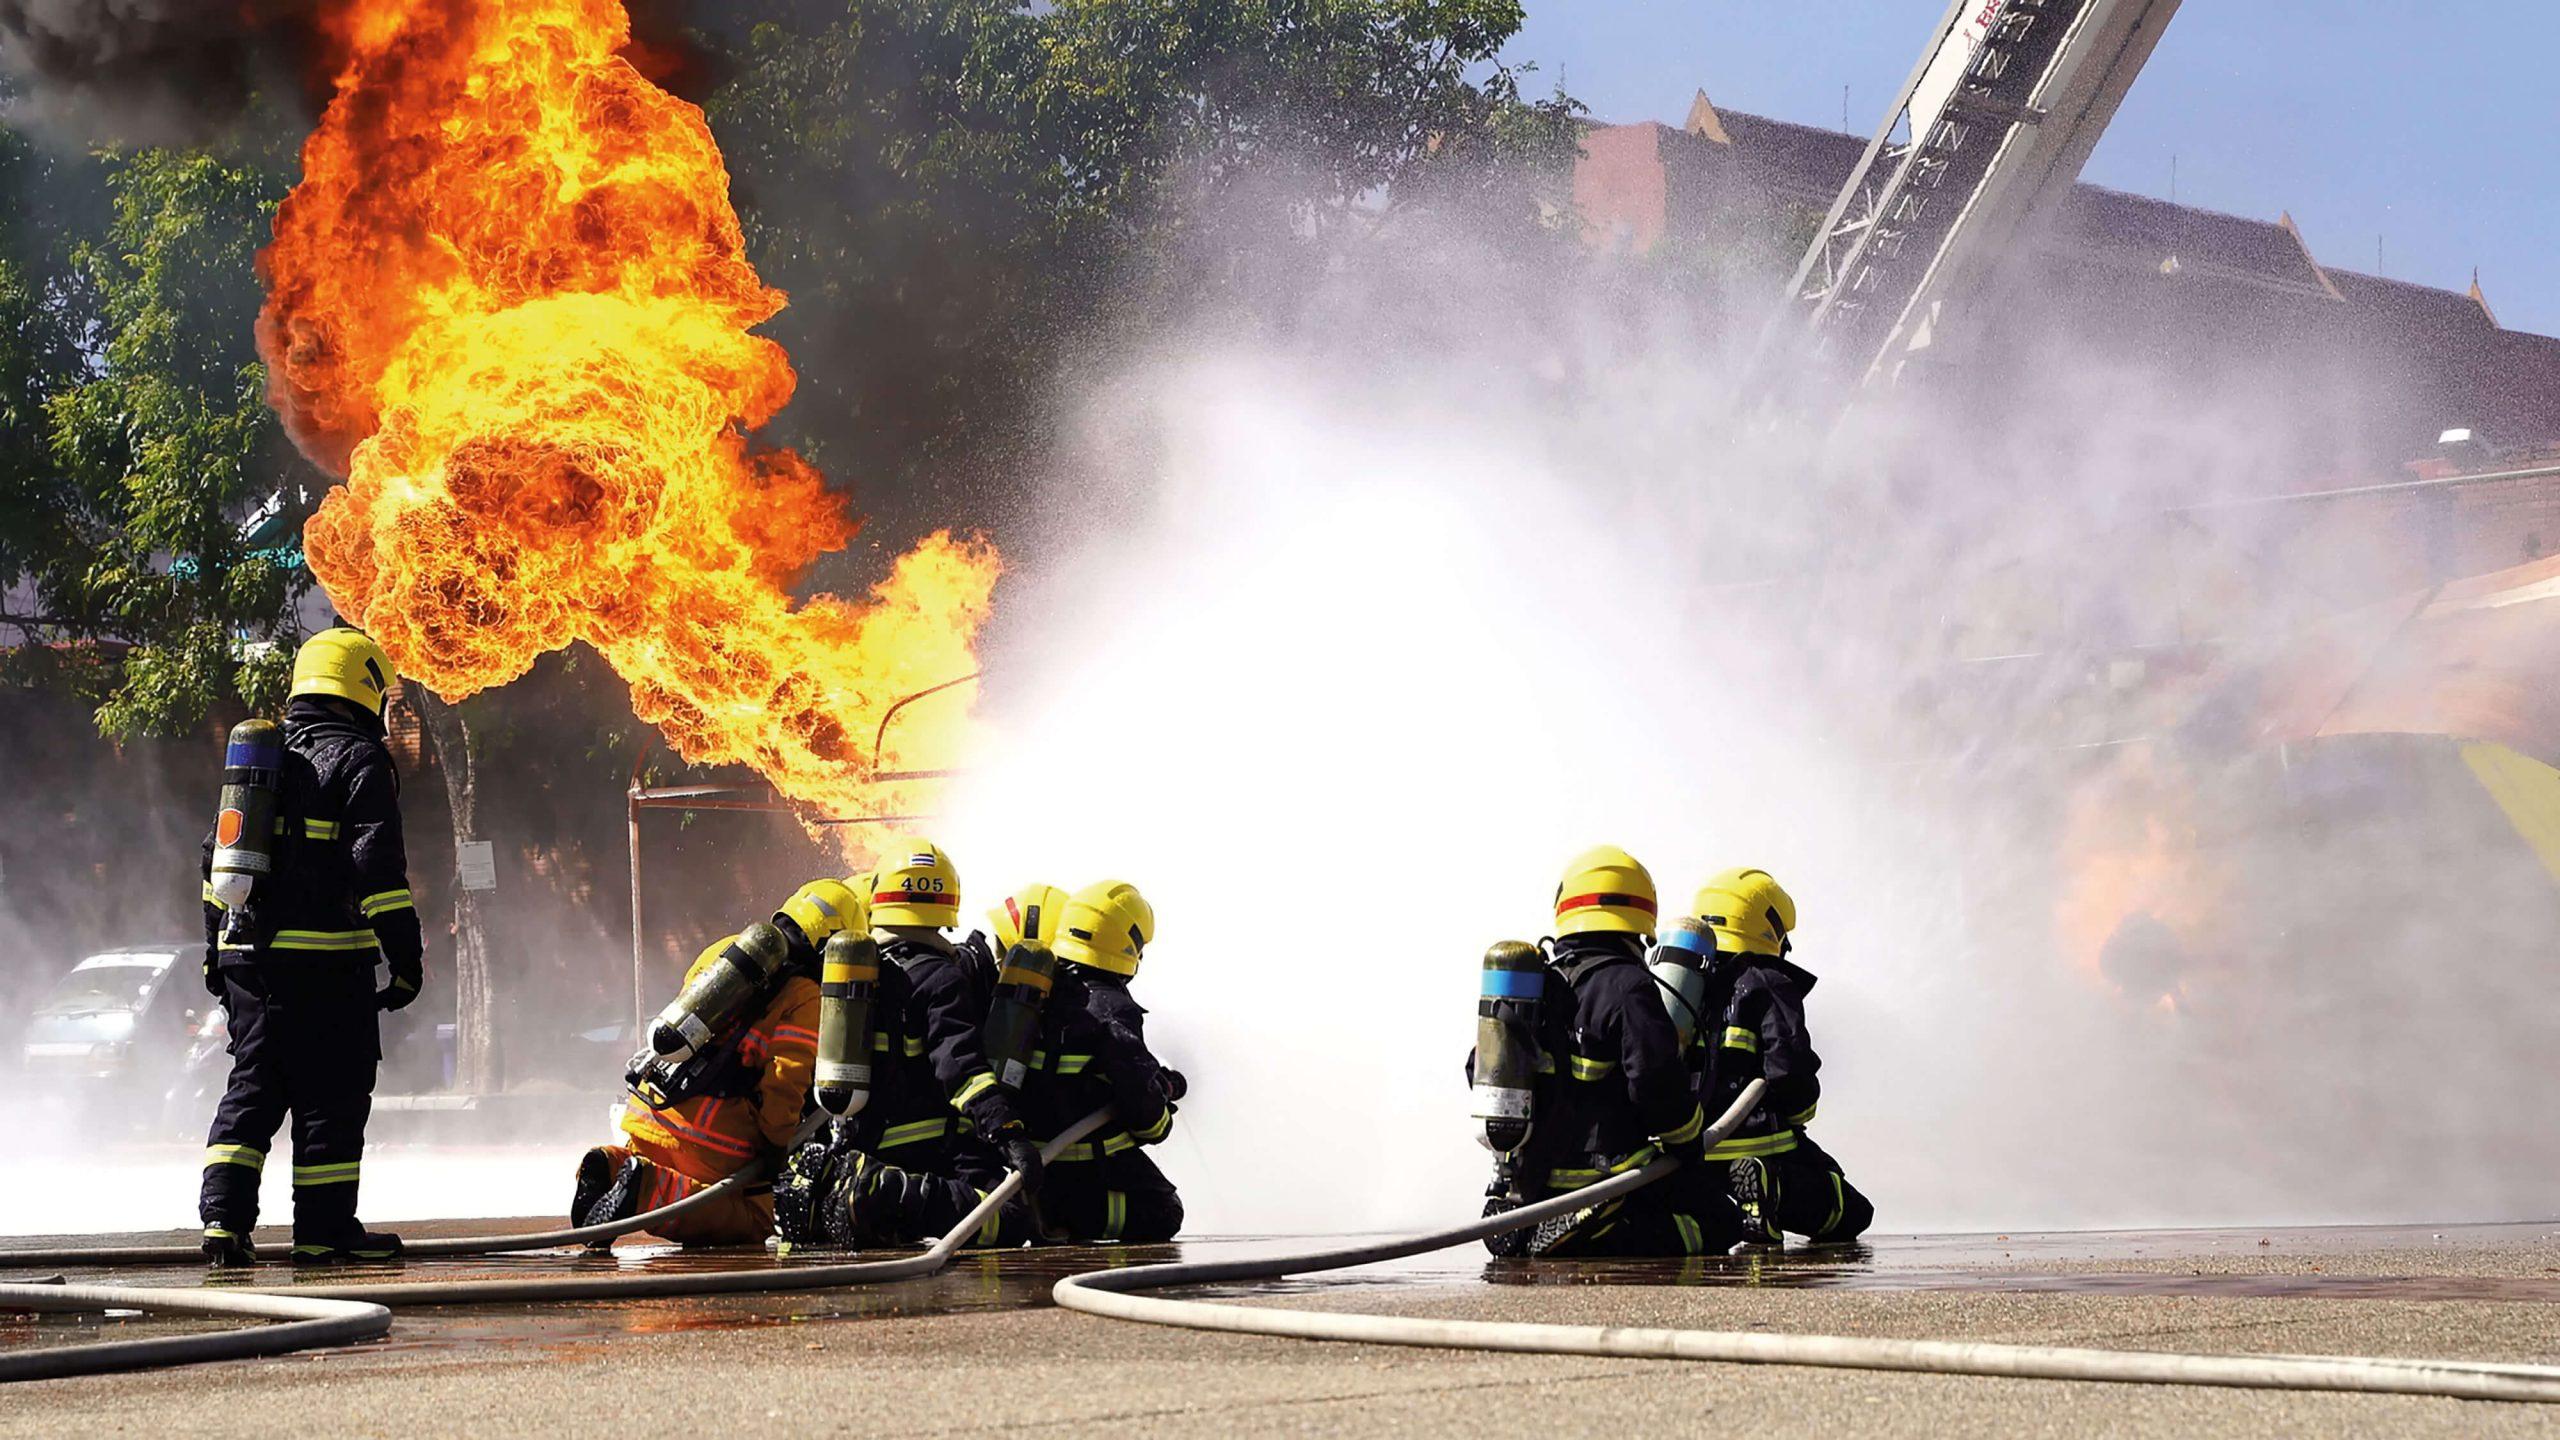 Antincendio avanzato per squadra di emergenza con utilizzo di autoprotettore